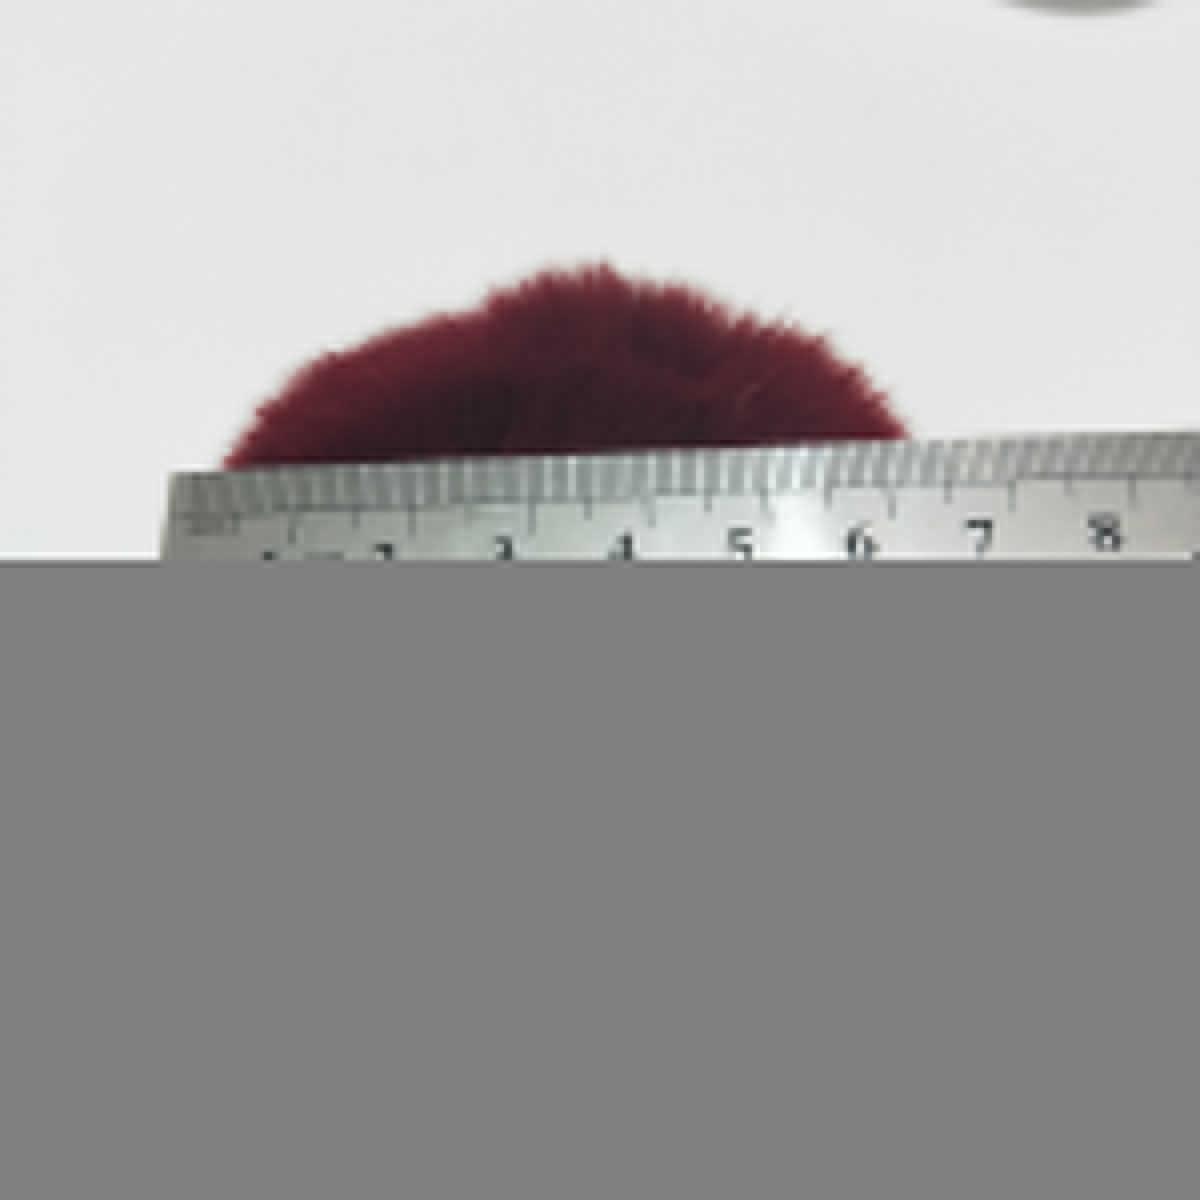 Mulheres Bolsa Charme 8 cm de Pele de Imitação De Pele Pompom Bola Pom pom com Elástico Duplo Cores Gradiente Acessórios Keychain Llaveros